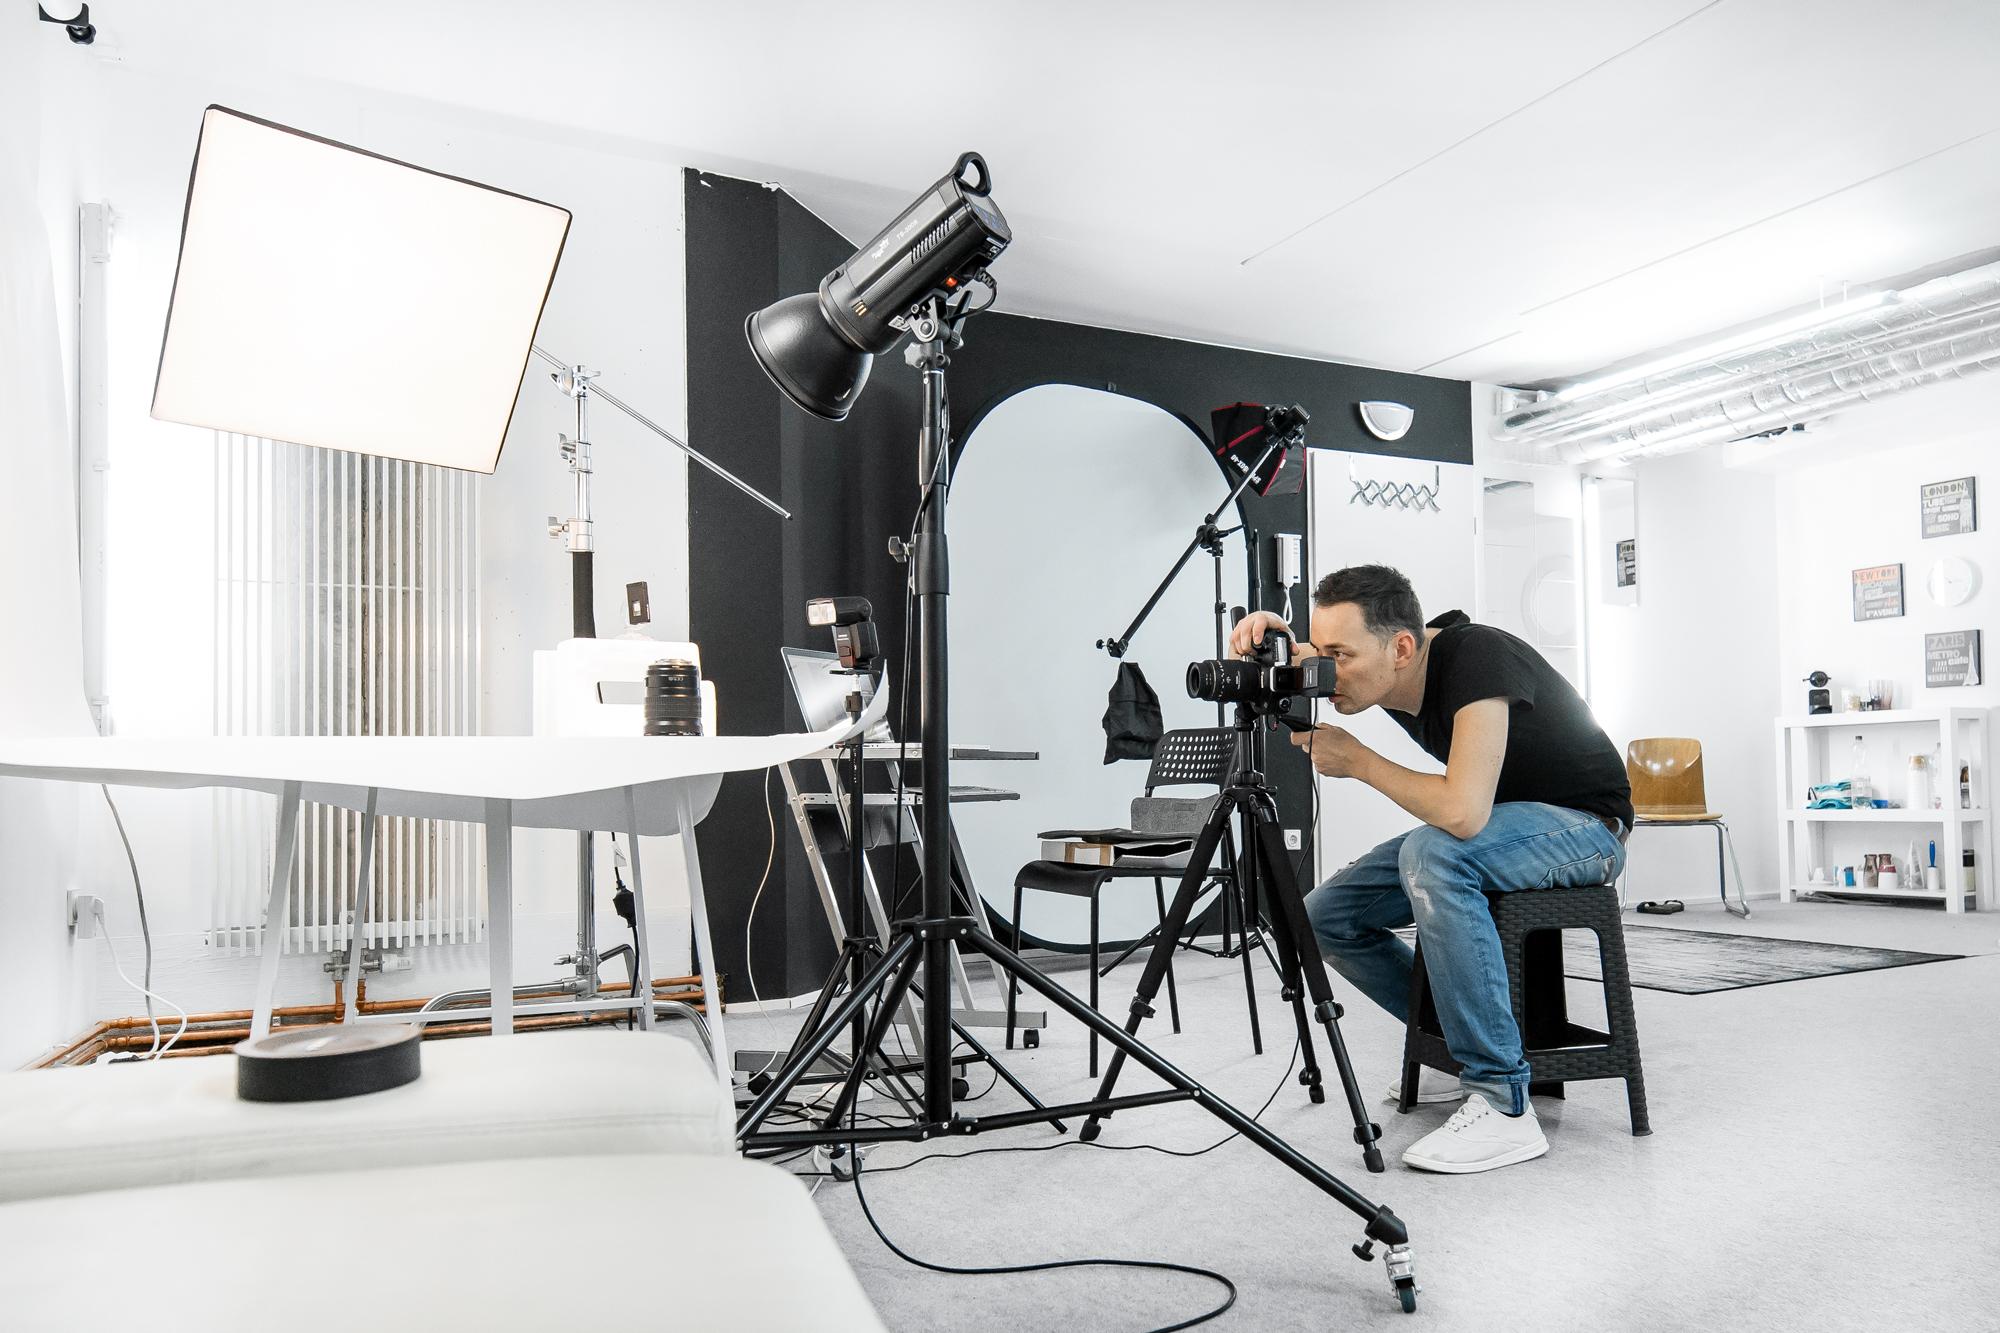 produktfotograf-dresden-sachsen-bayern